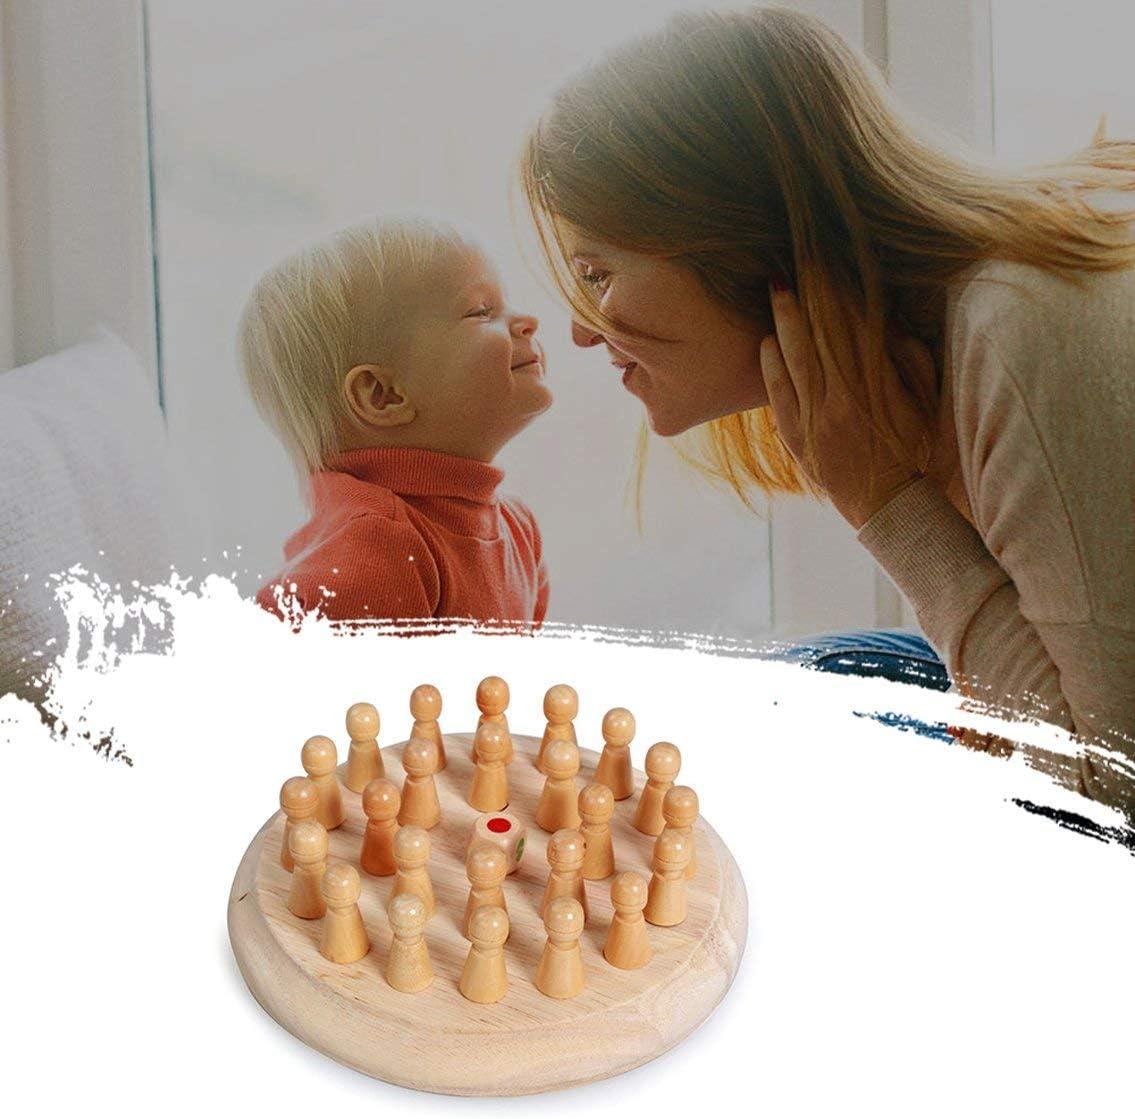 Banbie P/ädagogisches h/ölzernes Ged/ächtnis-Schachspielzeug der Kinder H/ölzernes Spielzeug-/Übungs-Baby-Ged/ächtnis-Schach Schachbrett W/ürfel-Satz